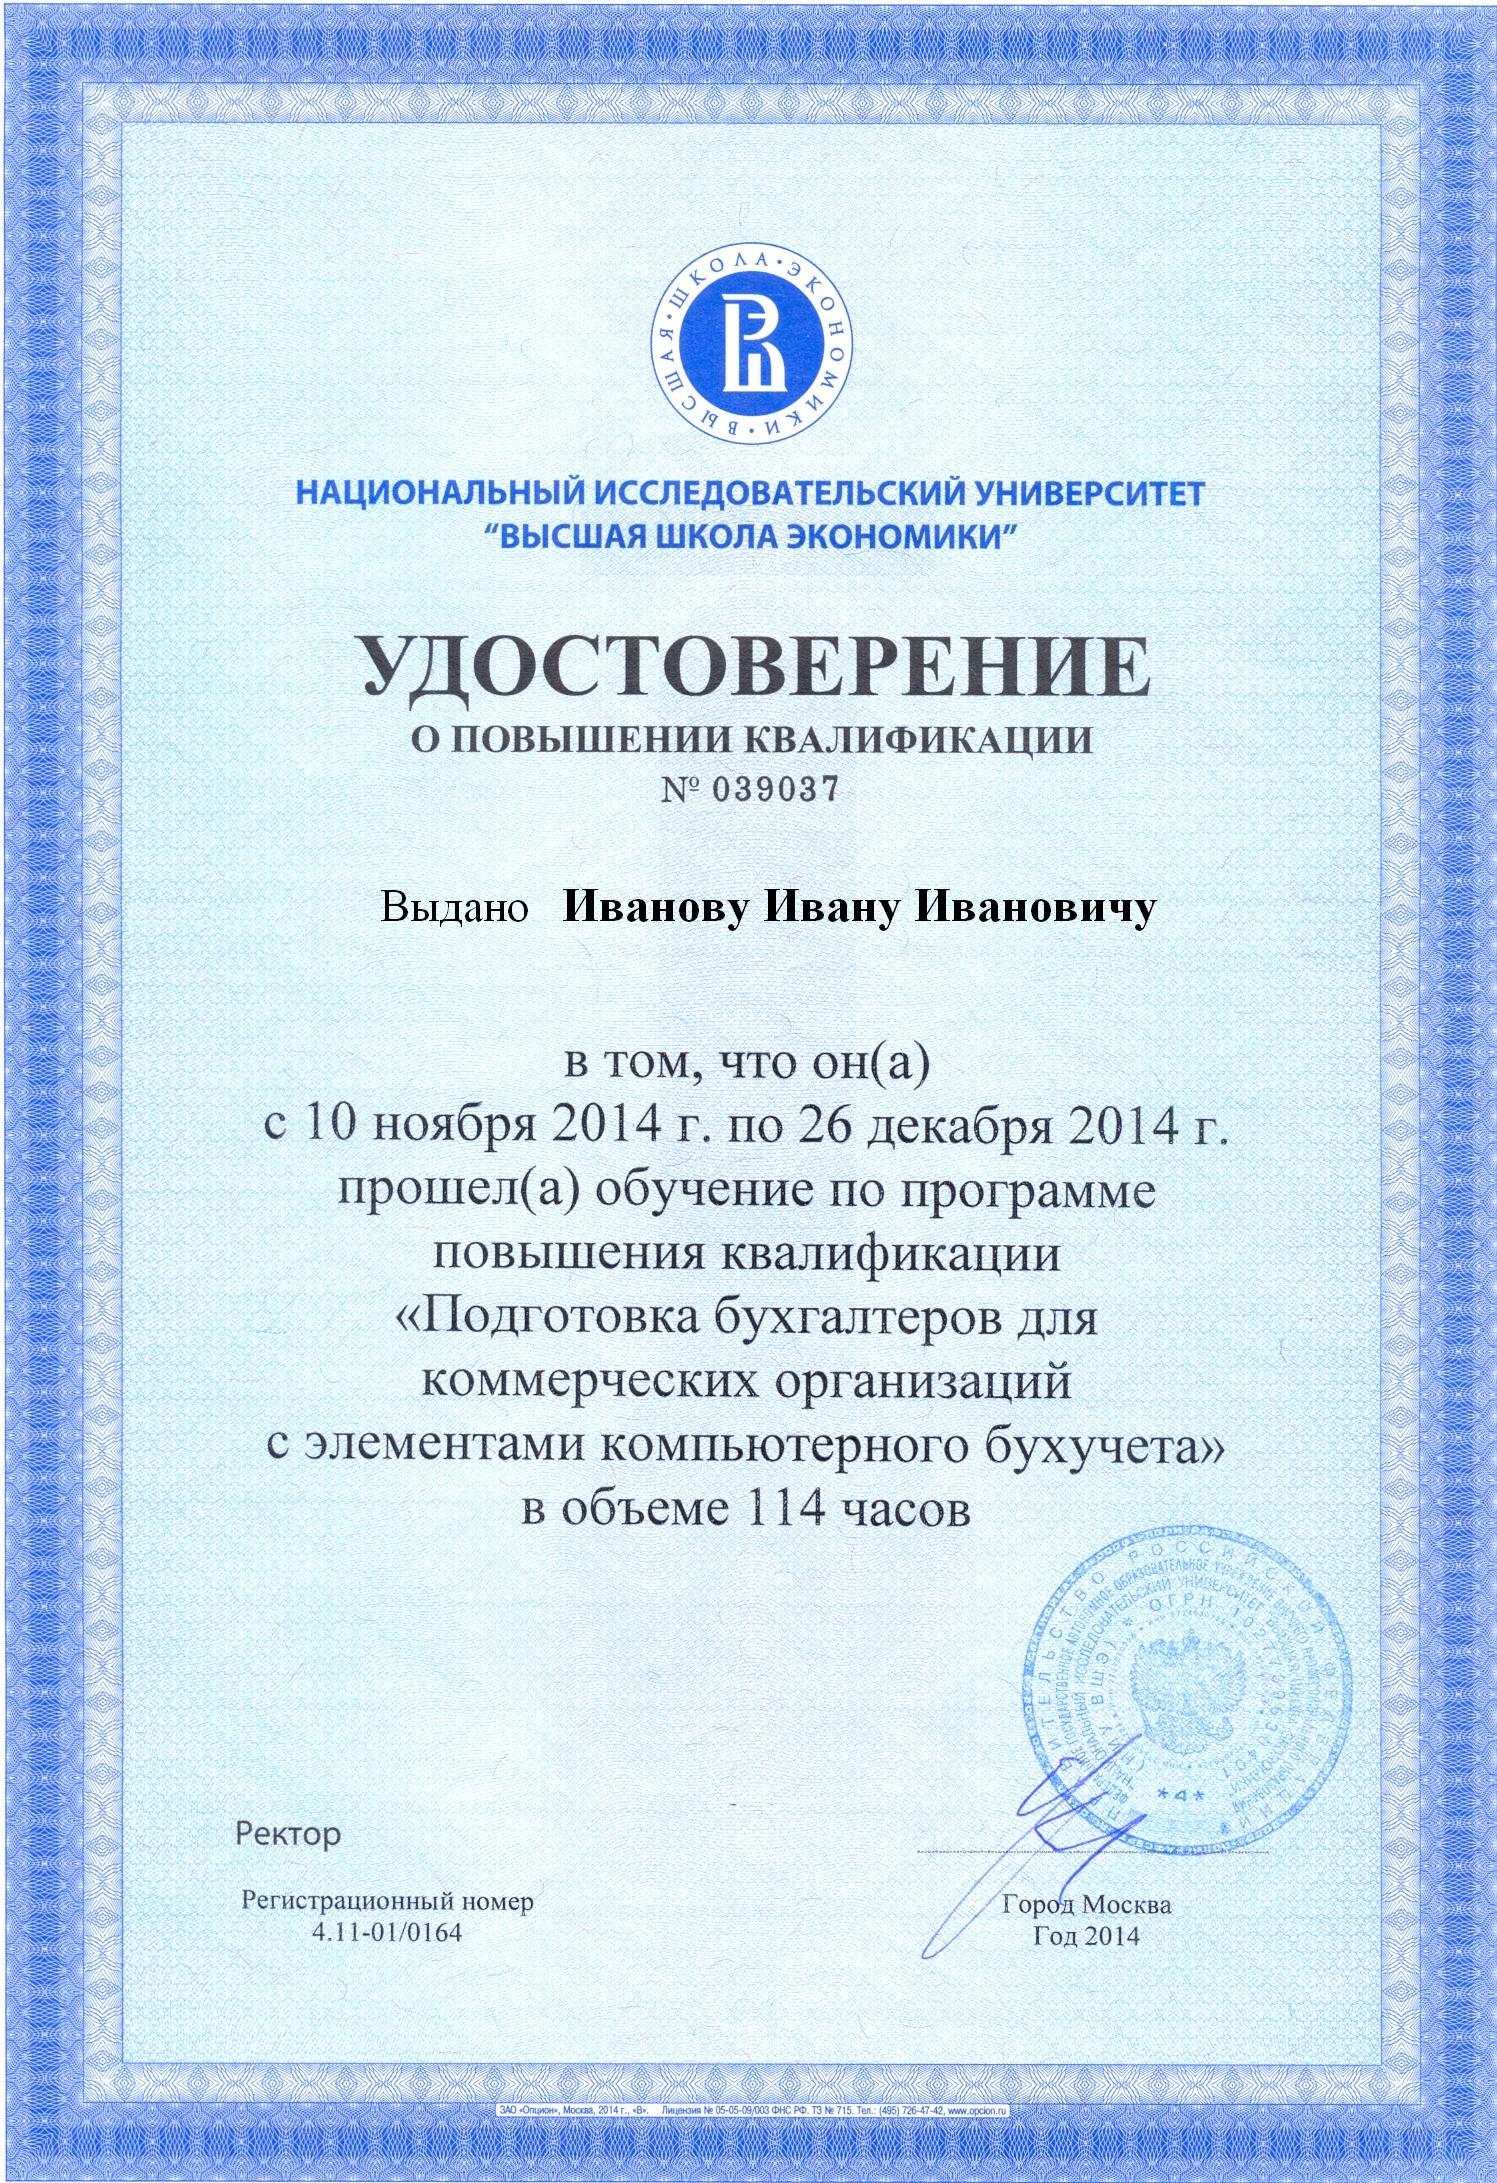 Бухгалтерия ниу вшэ москва телефон нулевая декларация 3 ндфл для физических лиц пример